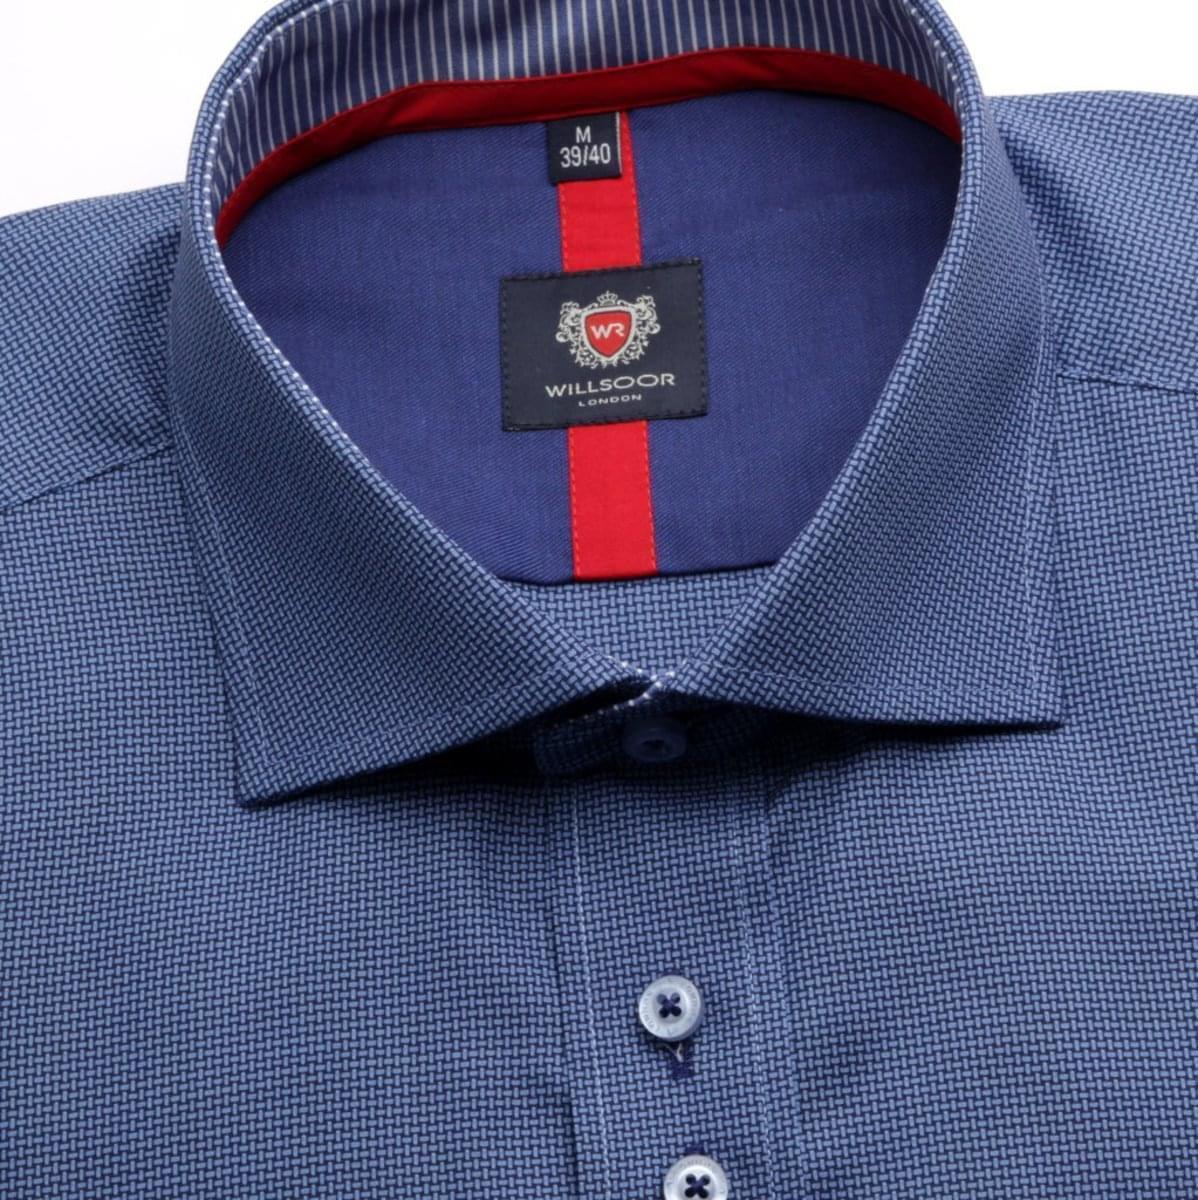 Košile WR London (výška 176-182) 4388 176-182 / XL (43/44)